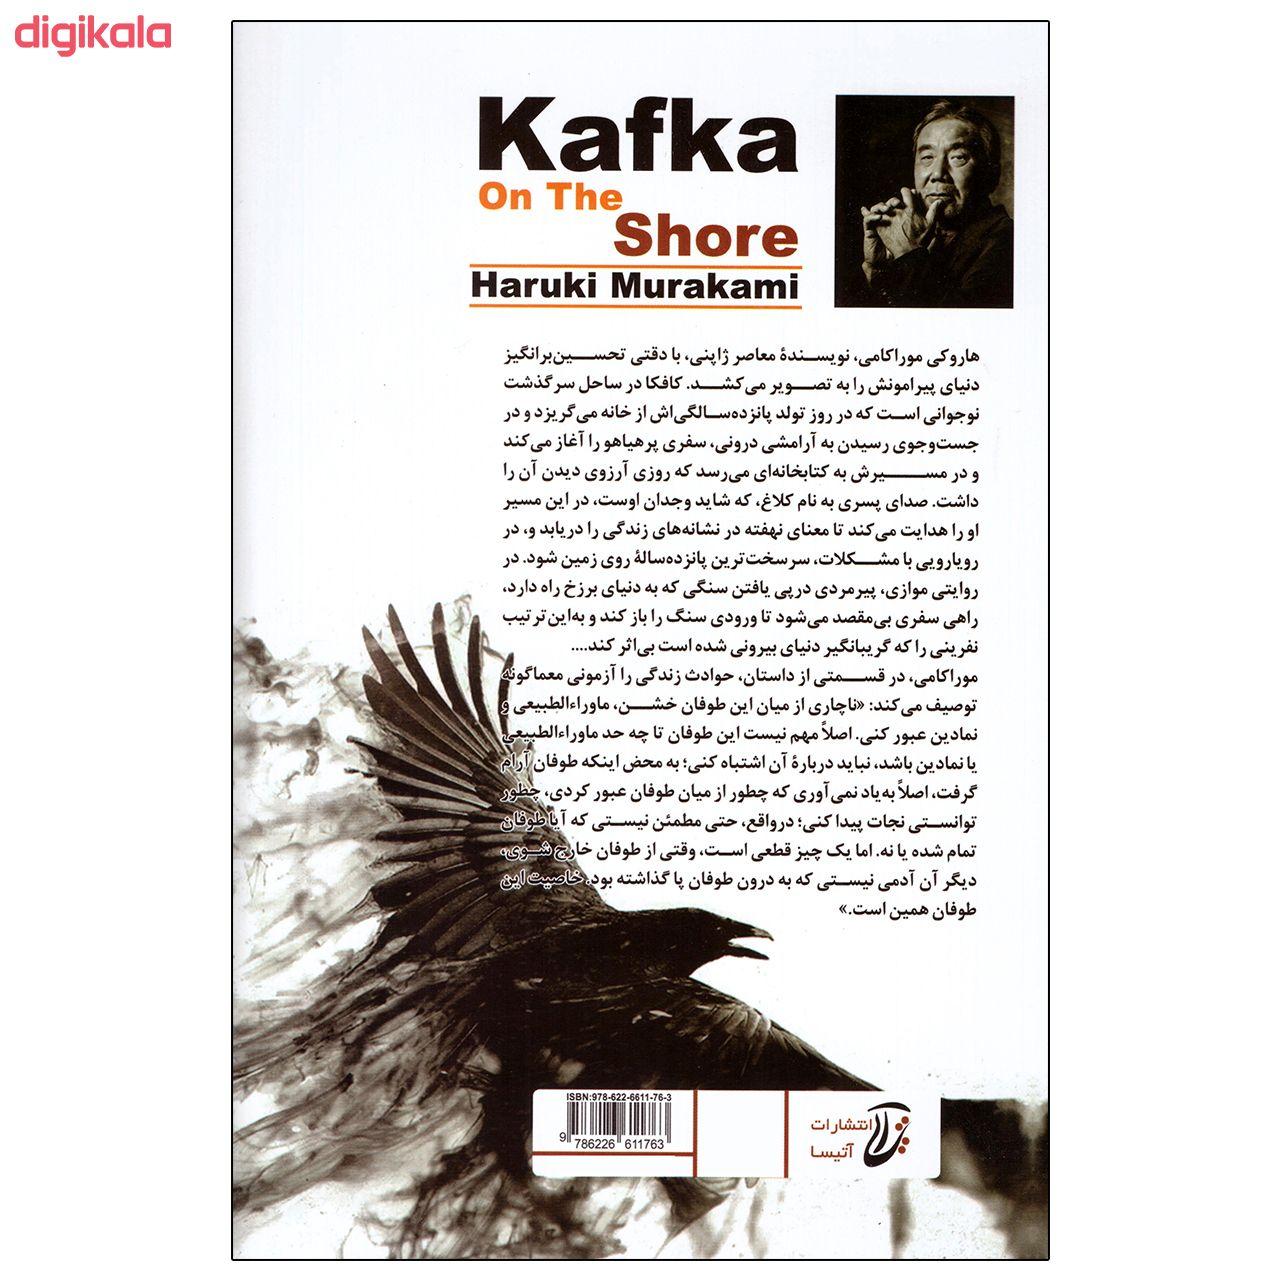 کتاب کافکا در ساحل اثر هاروکی موراکامی انتشارات آتیسا main 1 1